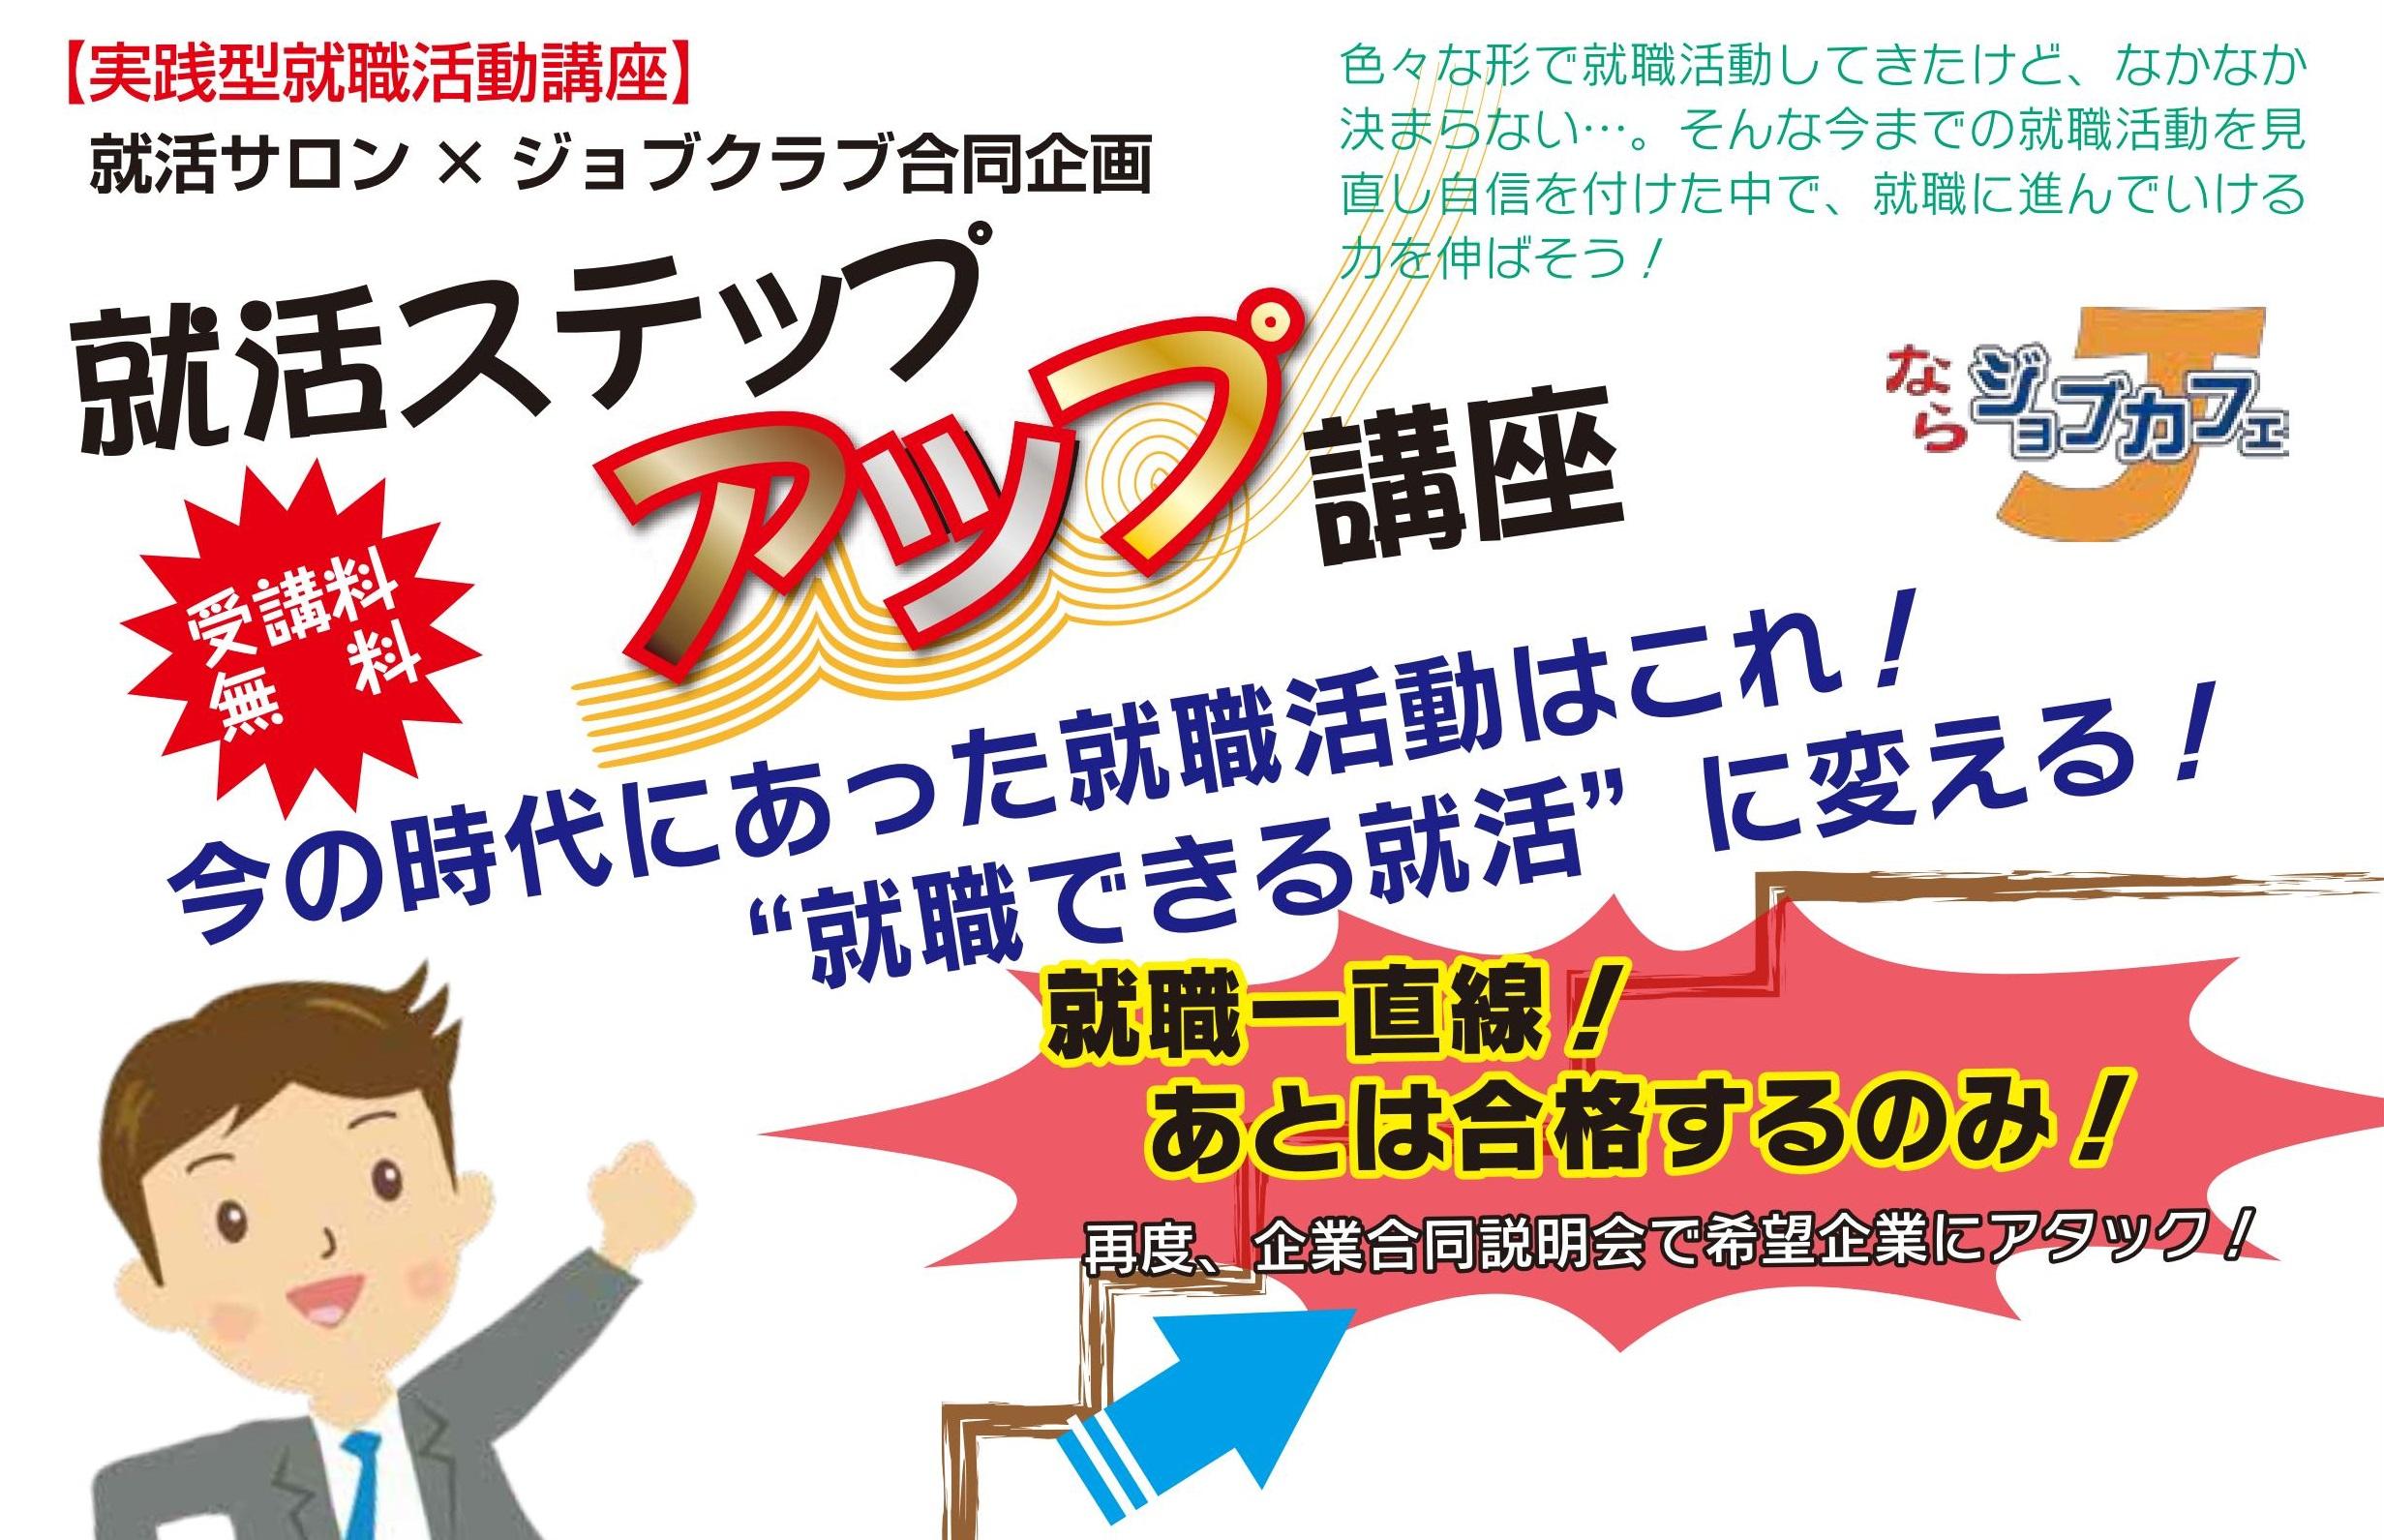 nara_syukatu_0830_top.jpg